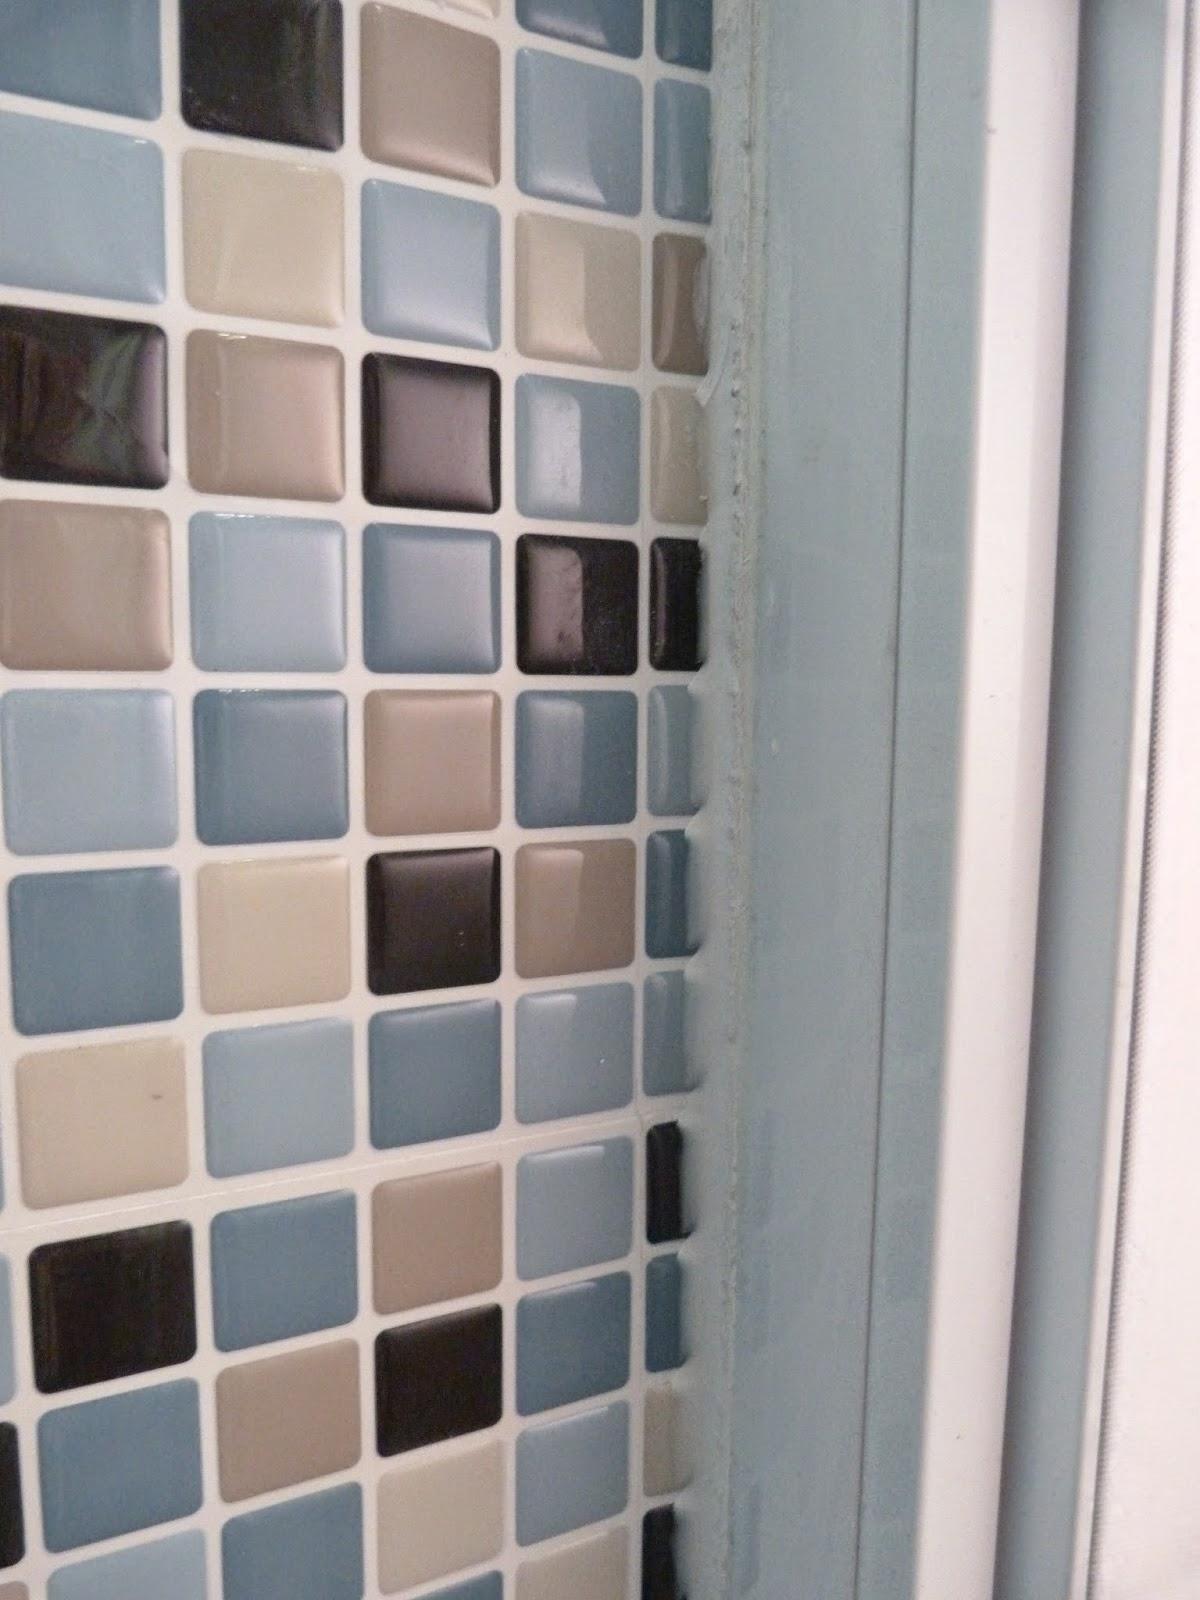 joint noir salle de bain nettoyer salle de bain savon noir - Joint Noir Salle De Bain